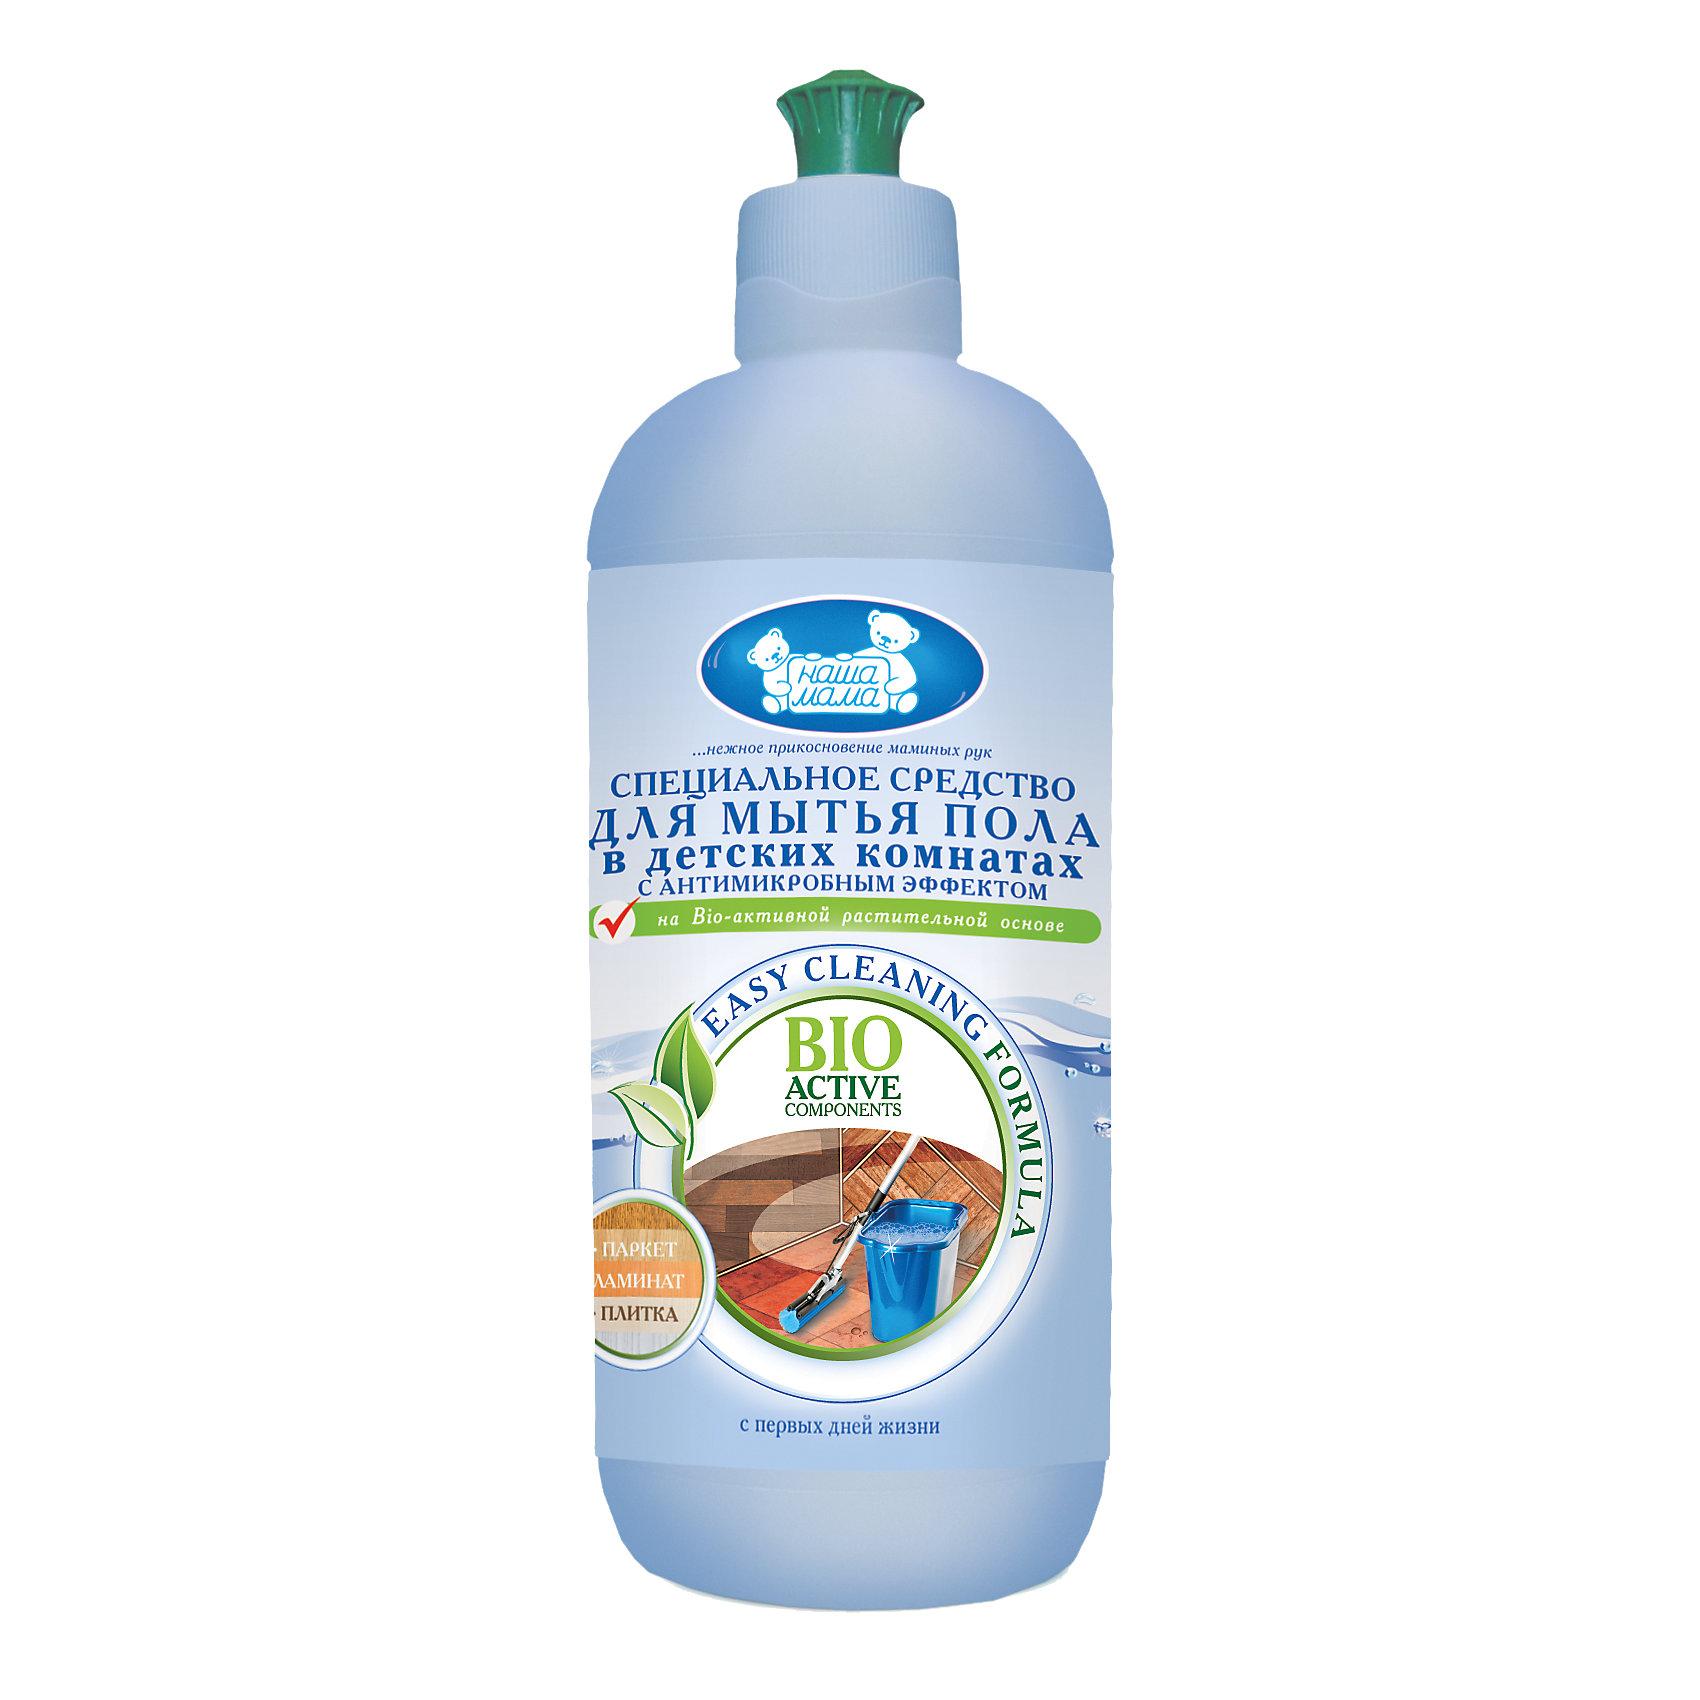 Средство для мытья пола с антимикробным эффектом, Наша Мама (Наша мама)